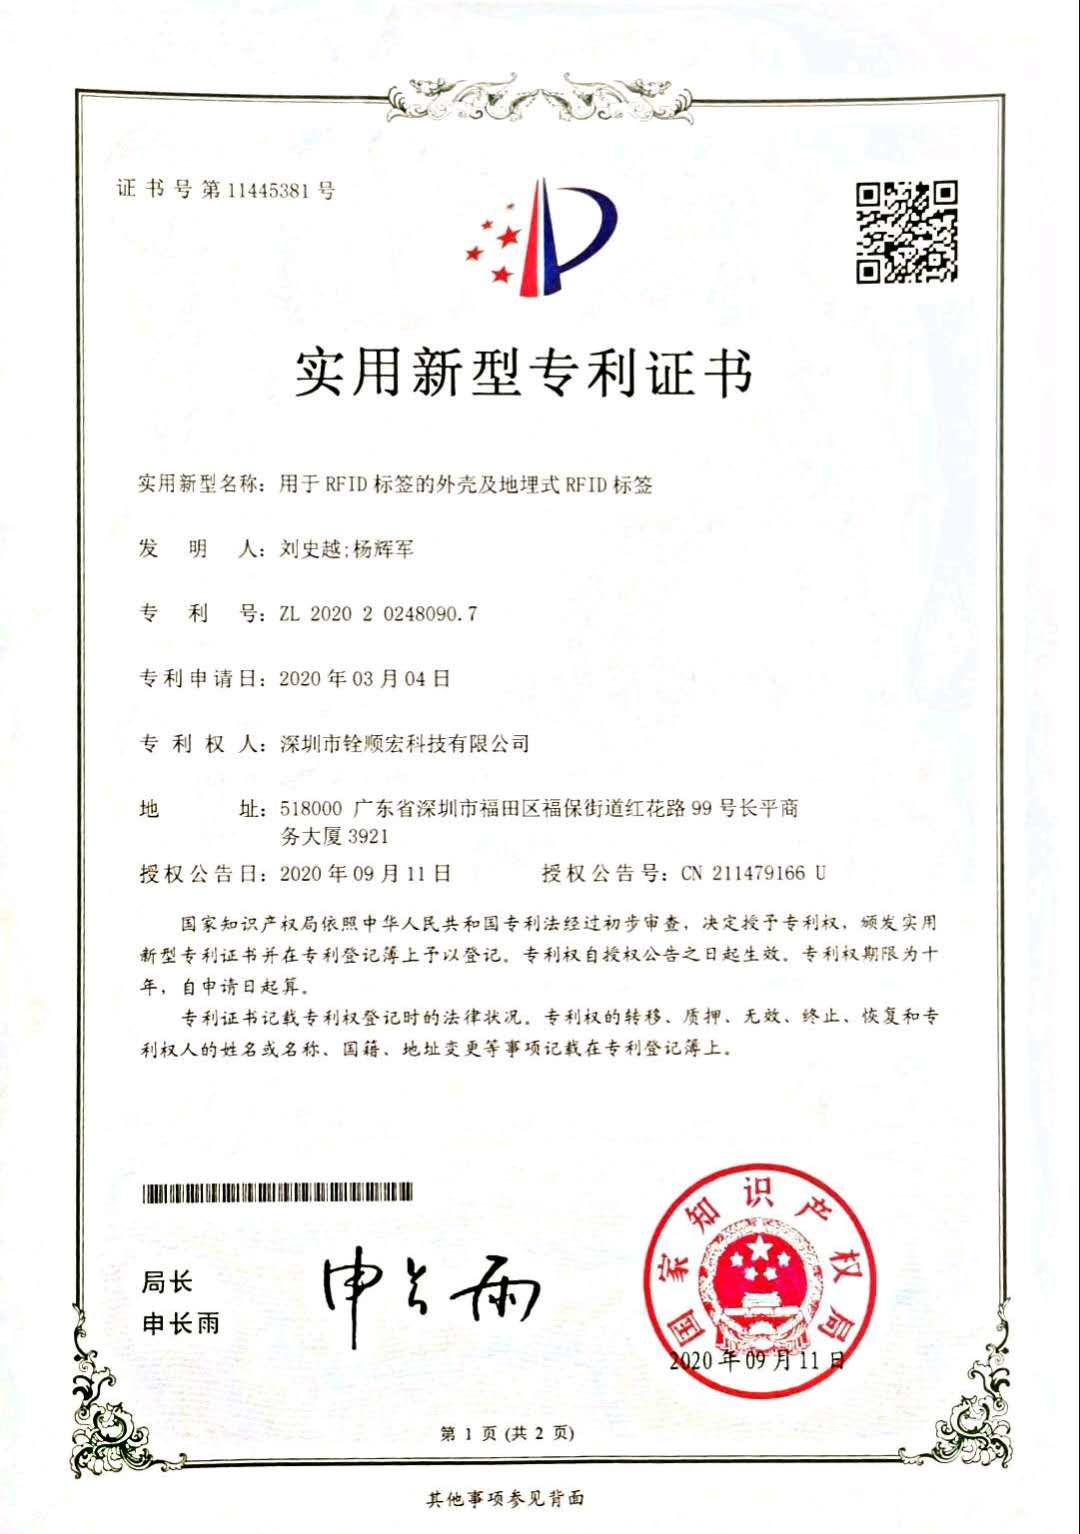 【用于RFID标签的外壳及地理式RFID标签】实用新型专利证书